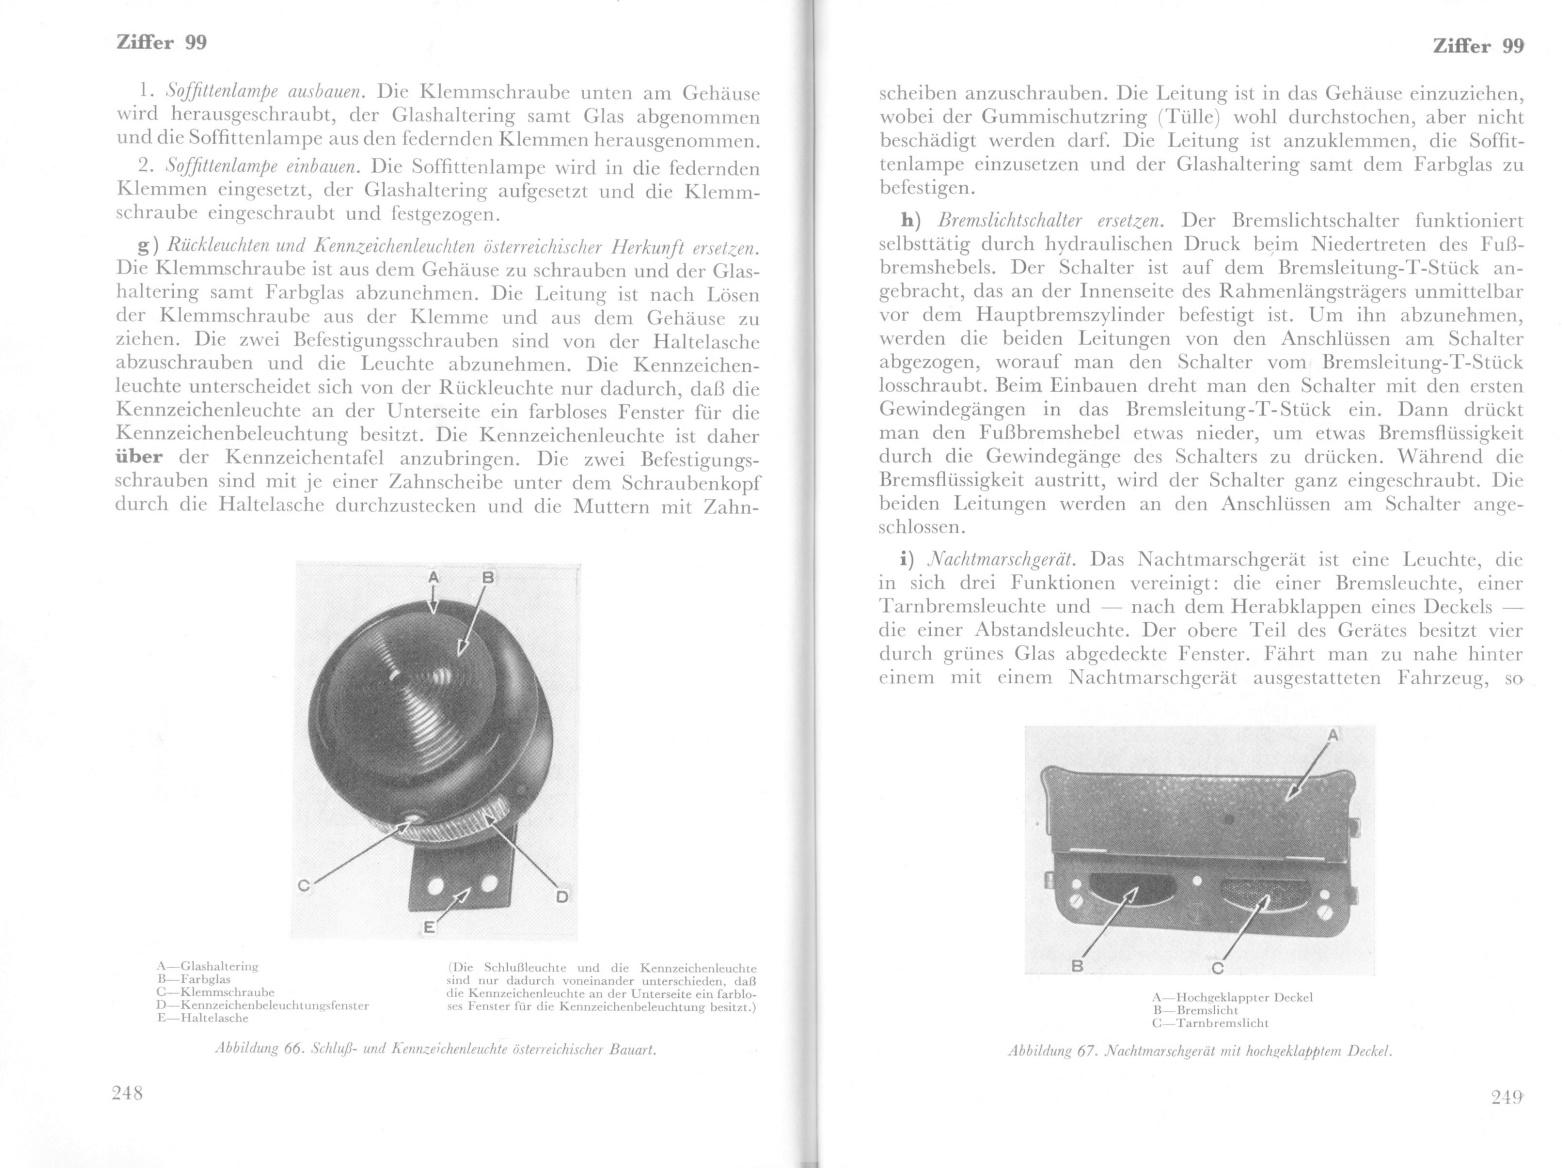 D:\Archiv Nemeth\Fzg-Gerät-Ausrüstung\Fahrzeuge\Mehrspurige Kfz\BH Fahrzeuge\Jeep\TV 9-803 Ausschnitt\Rücklich-t NOTEK.jpeg